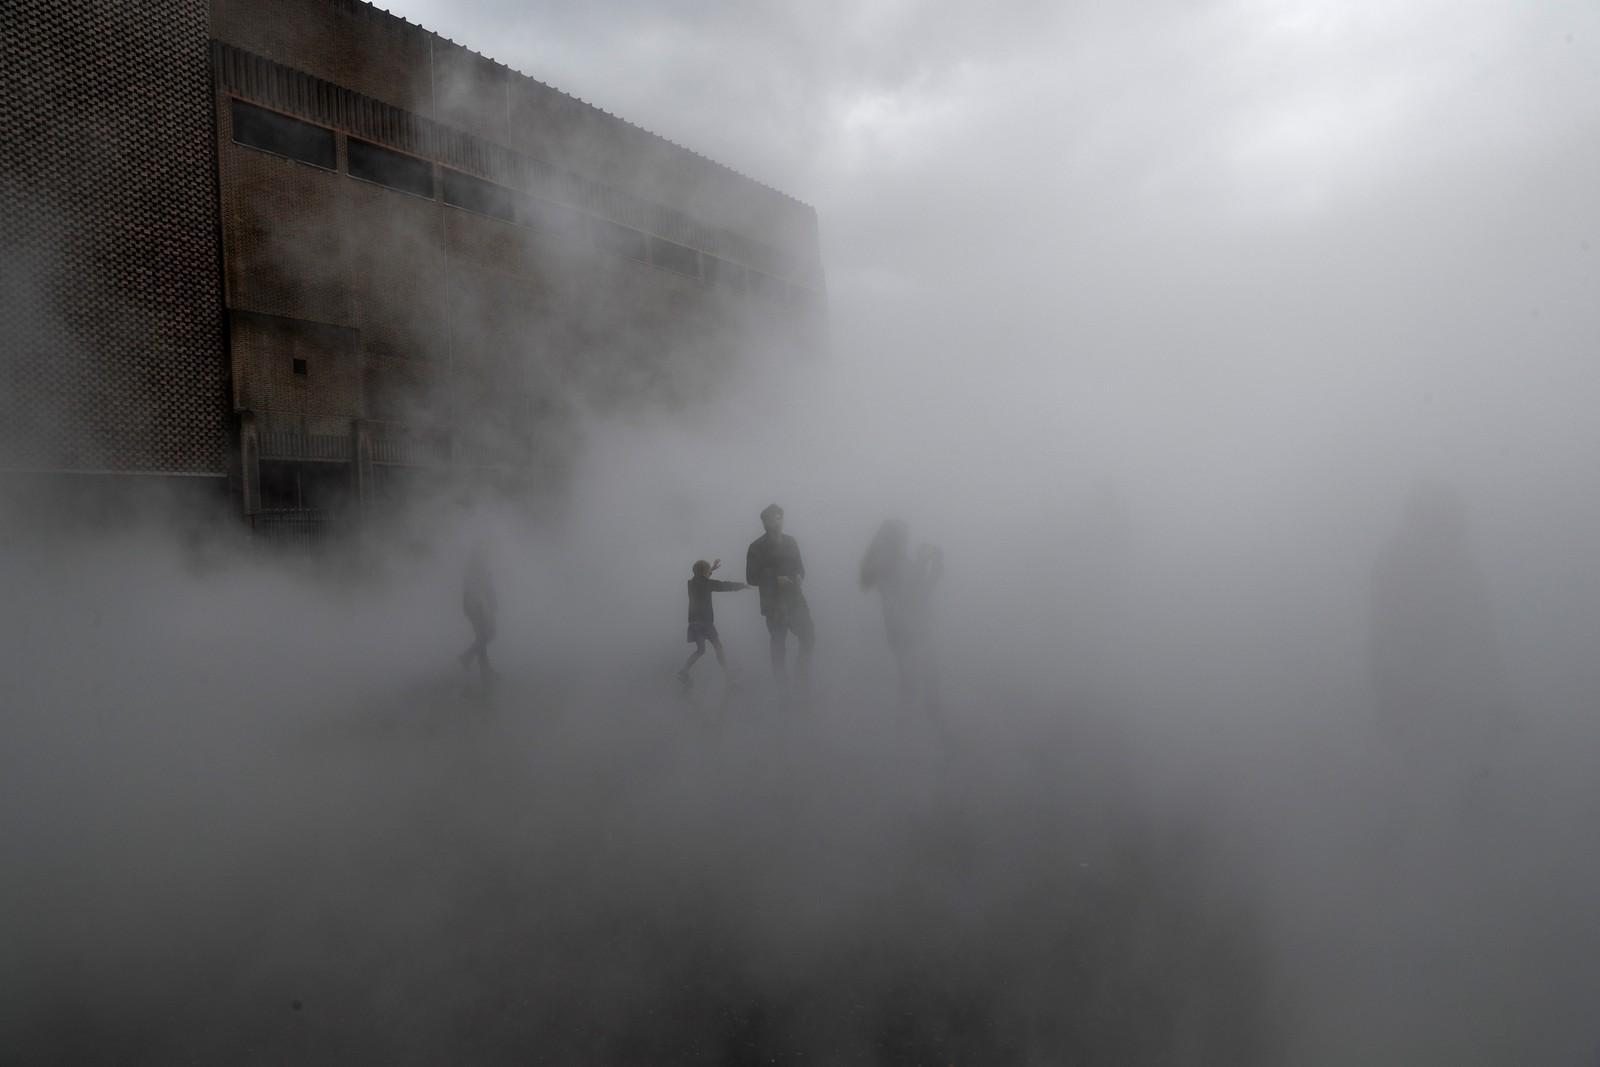 """Museet Tate Moderns viste fram installasjonen """"London Fog"""" denne uka, til stor glede for publikum. Verket er signert den japanske kunstneren Fujiko Nakaya."""